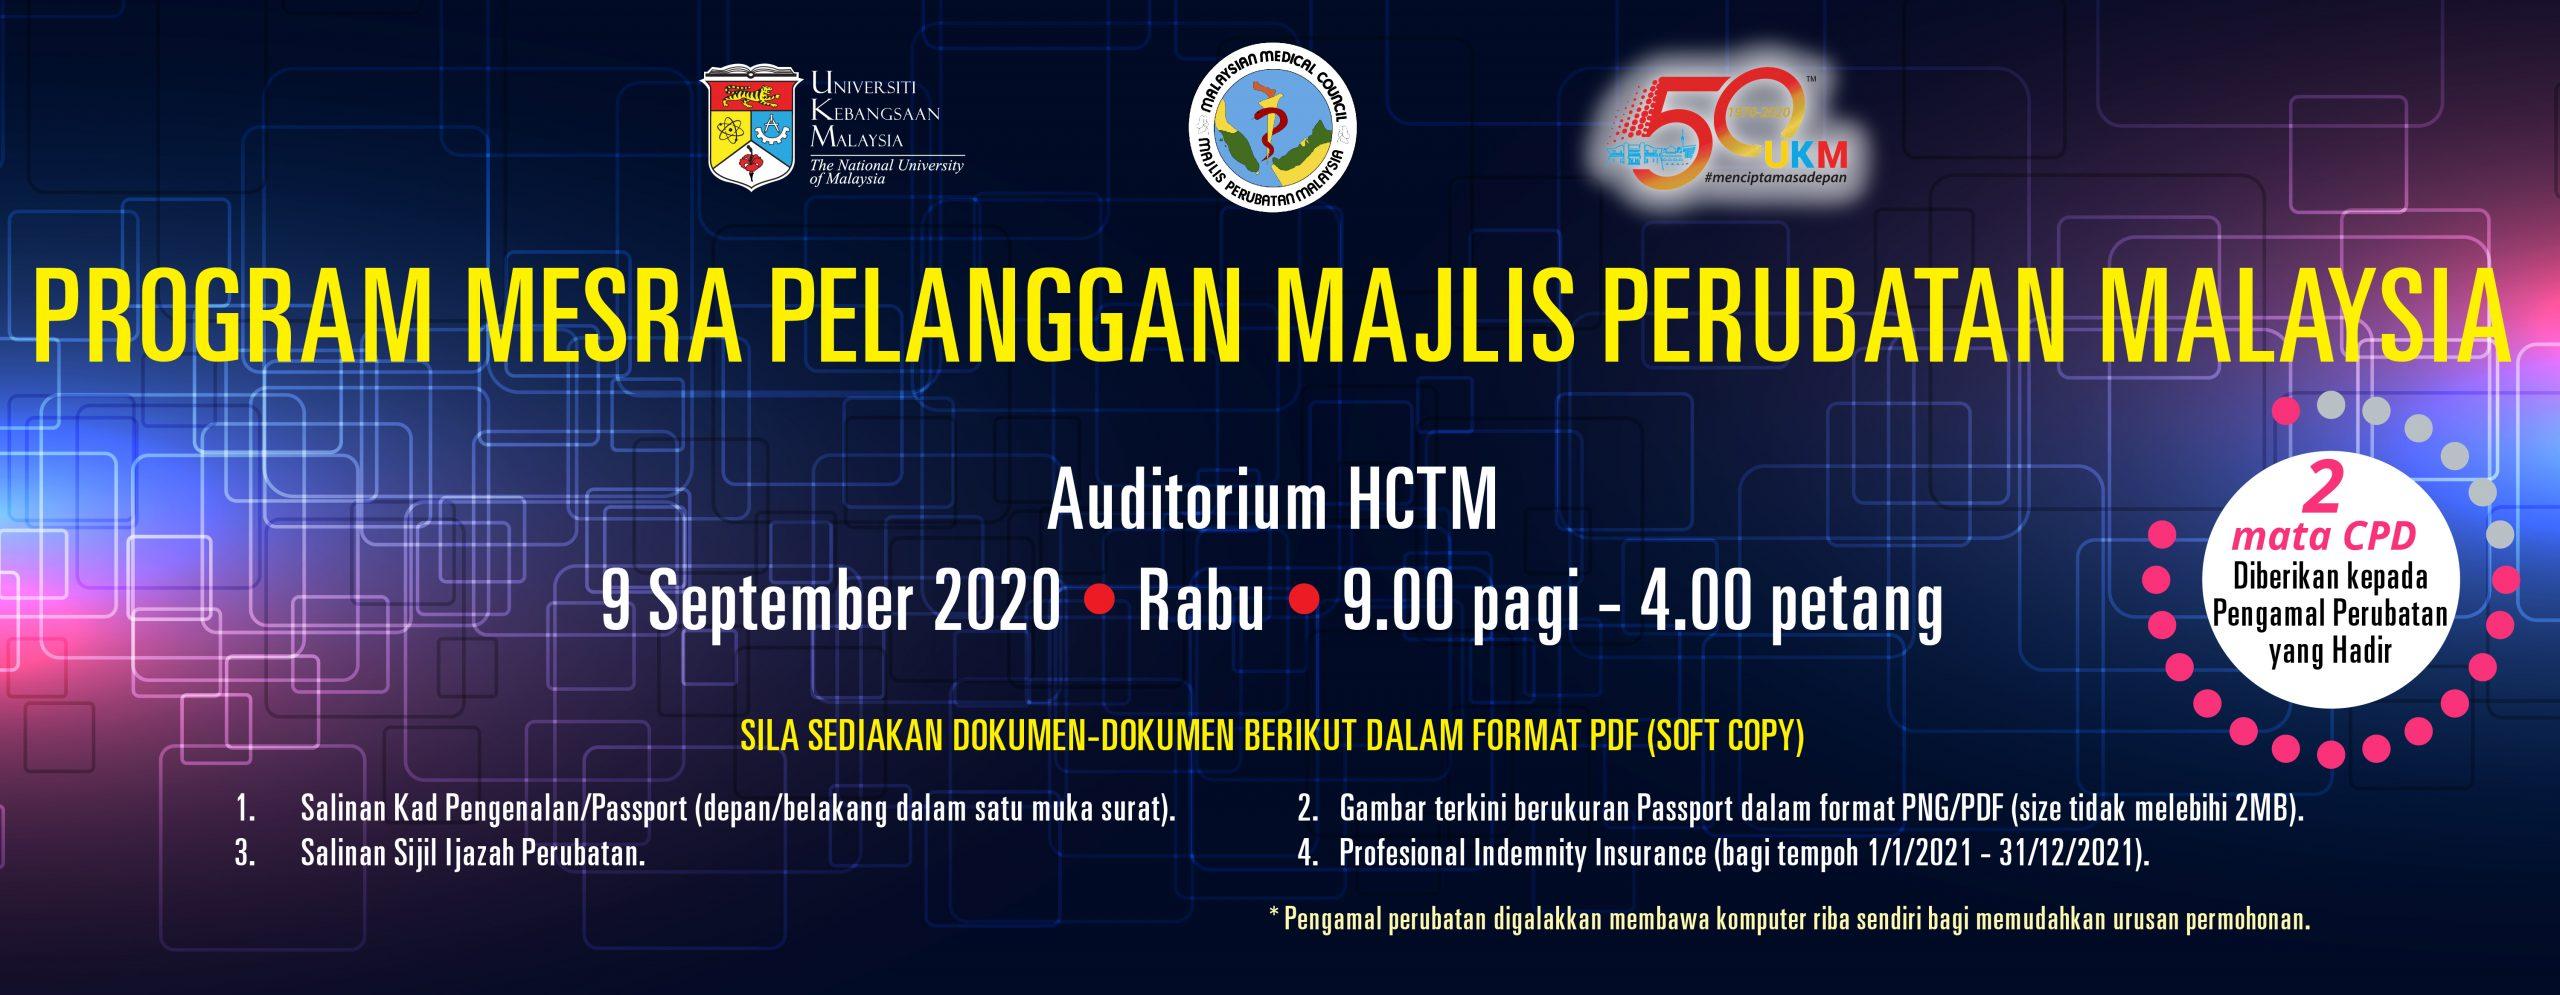 PROGRAM MESRA PELANGGAN MAJLIS PERUBATAN MALAYSIA